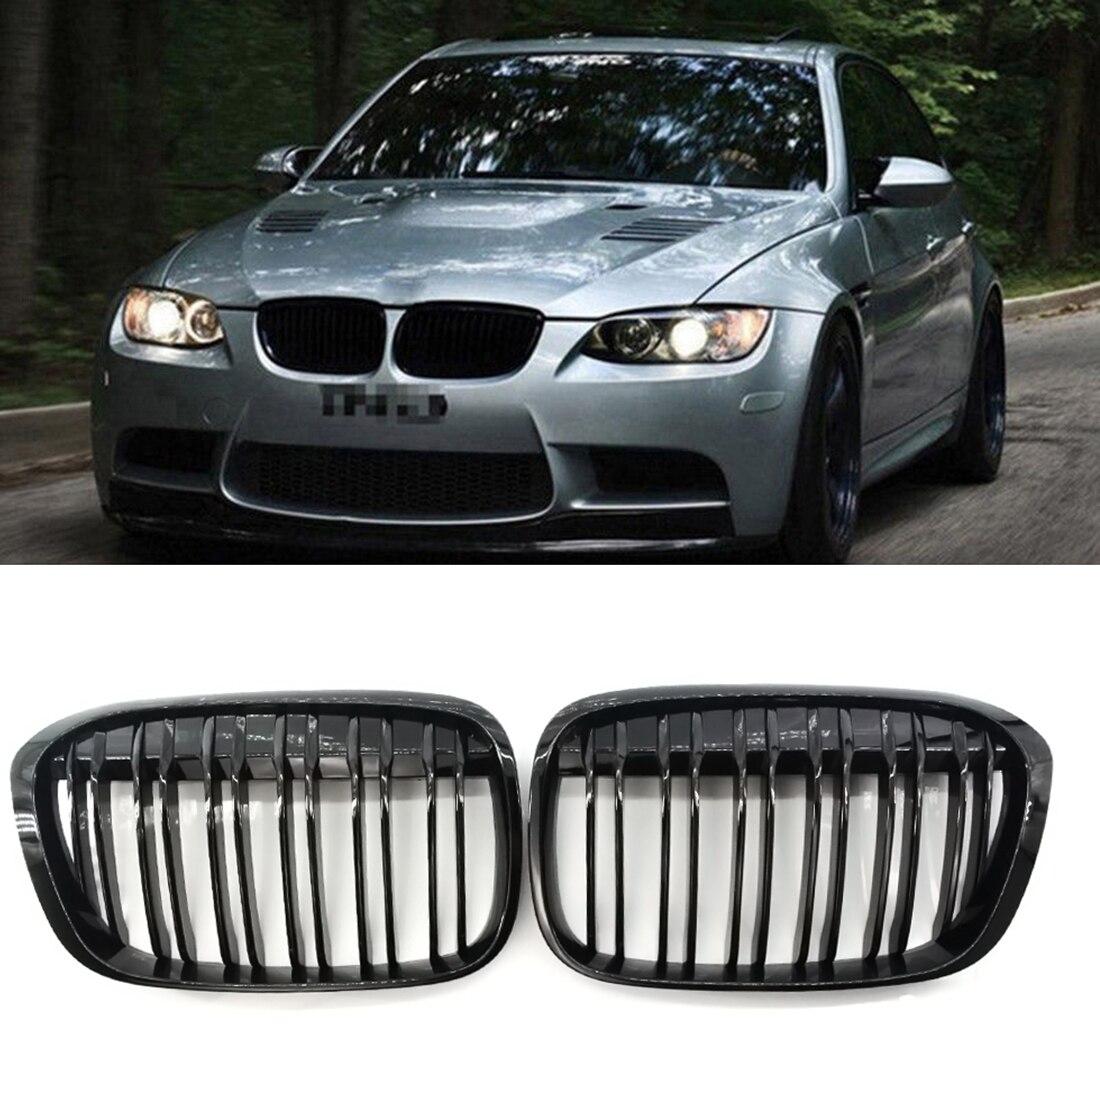 где купить Matte Black Front Bumper Grille For BMW E83 X3 LCI 07-10 Facelift GZ.A E83 XK L / LM/YM #D2 по лучшей цене